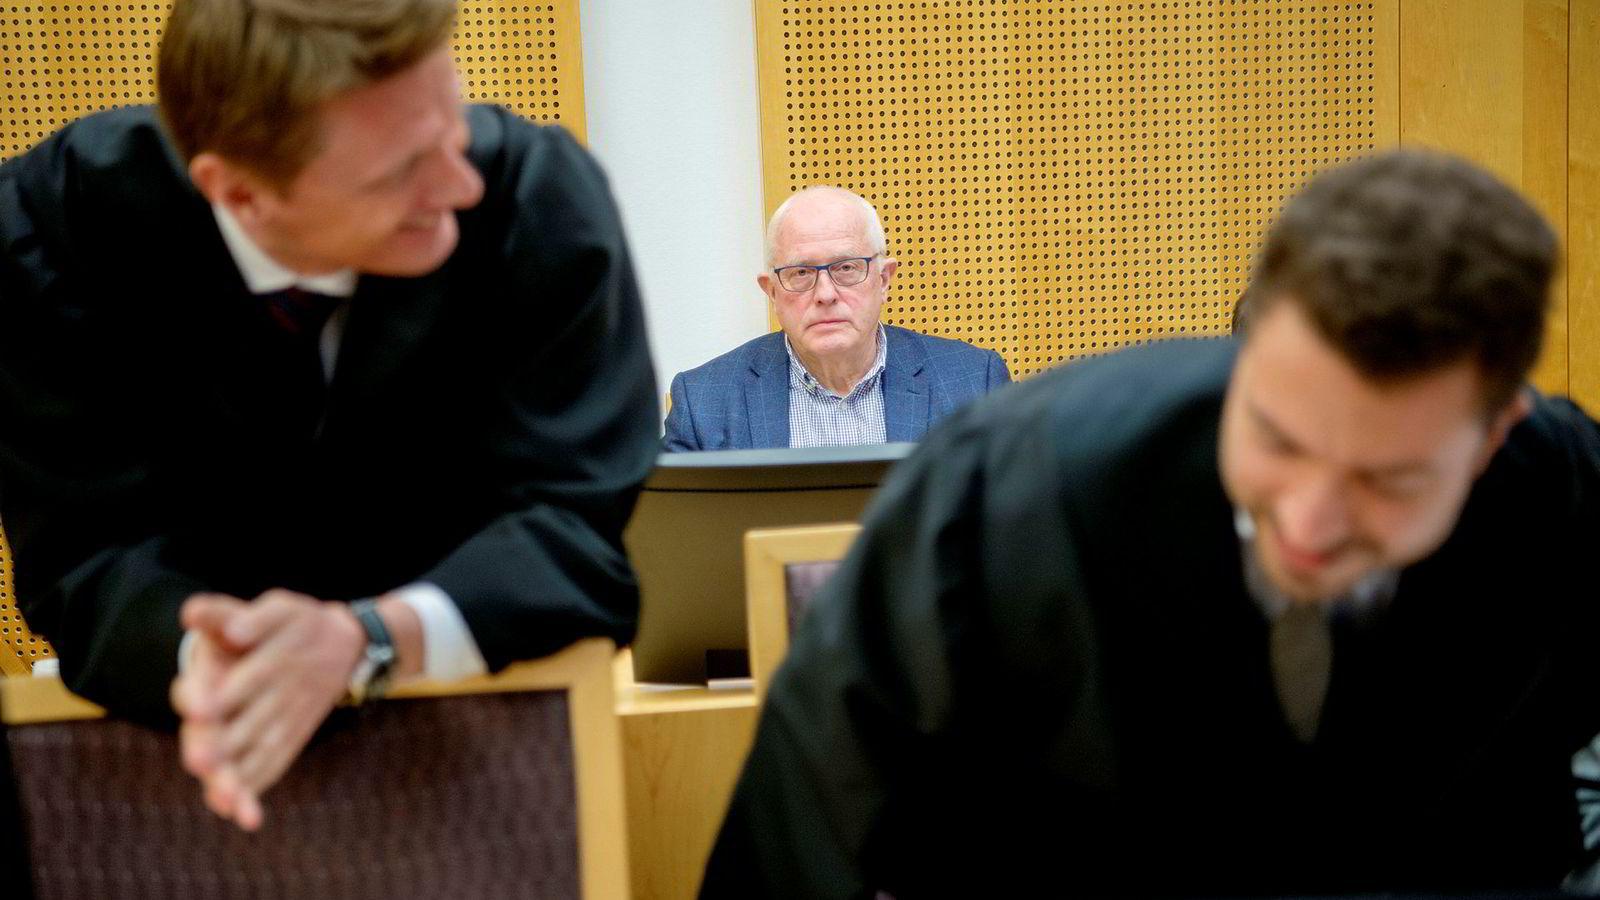 Fra bakerste benk fulgte gründer i Neodrill, Harald Strand, rettssaken i Oslo tingrett i mars. Nå er har dommen kommet.